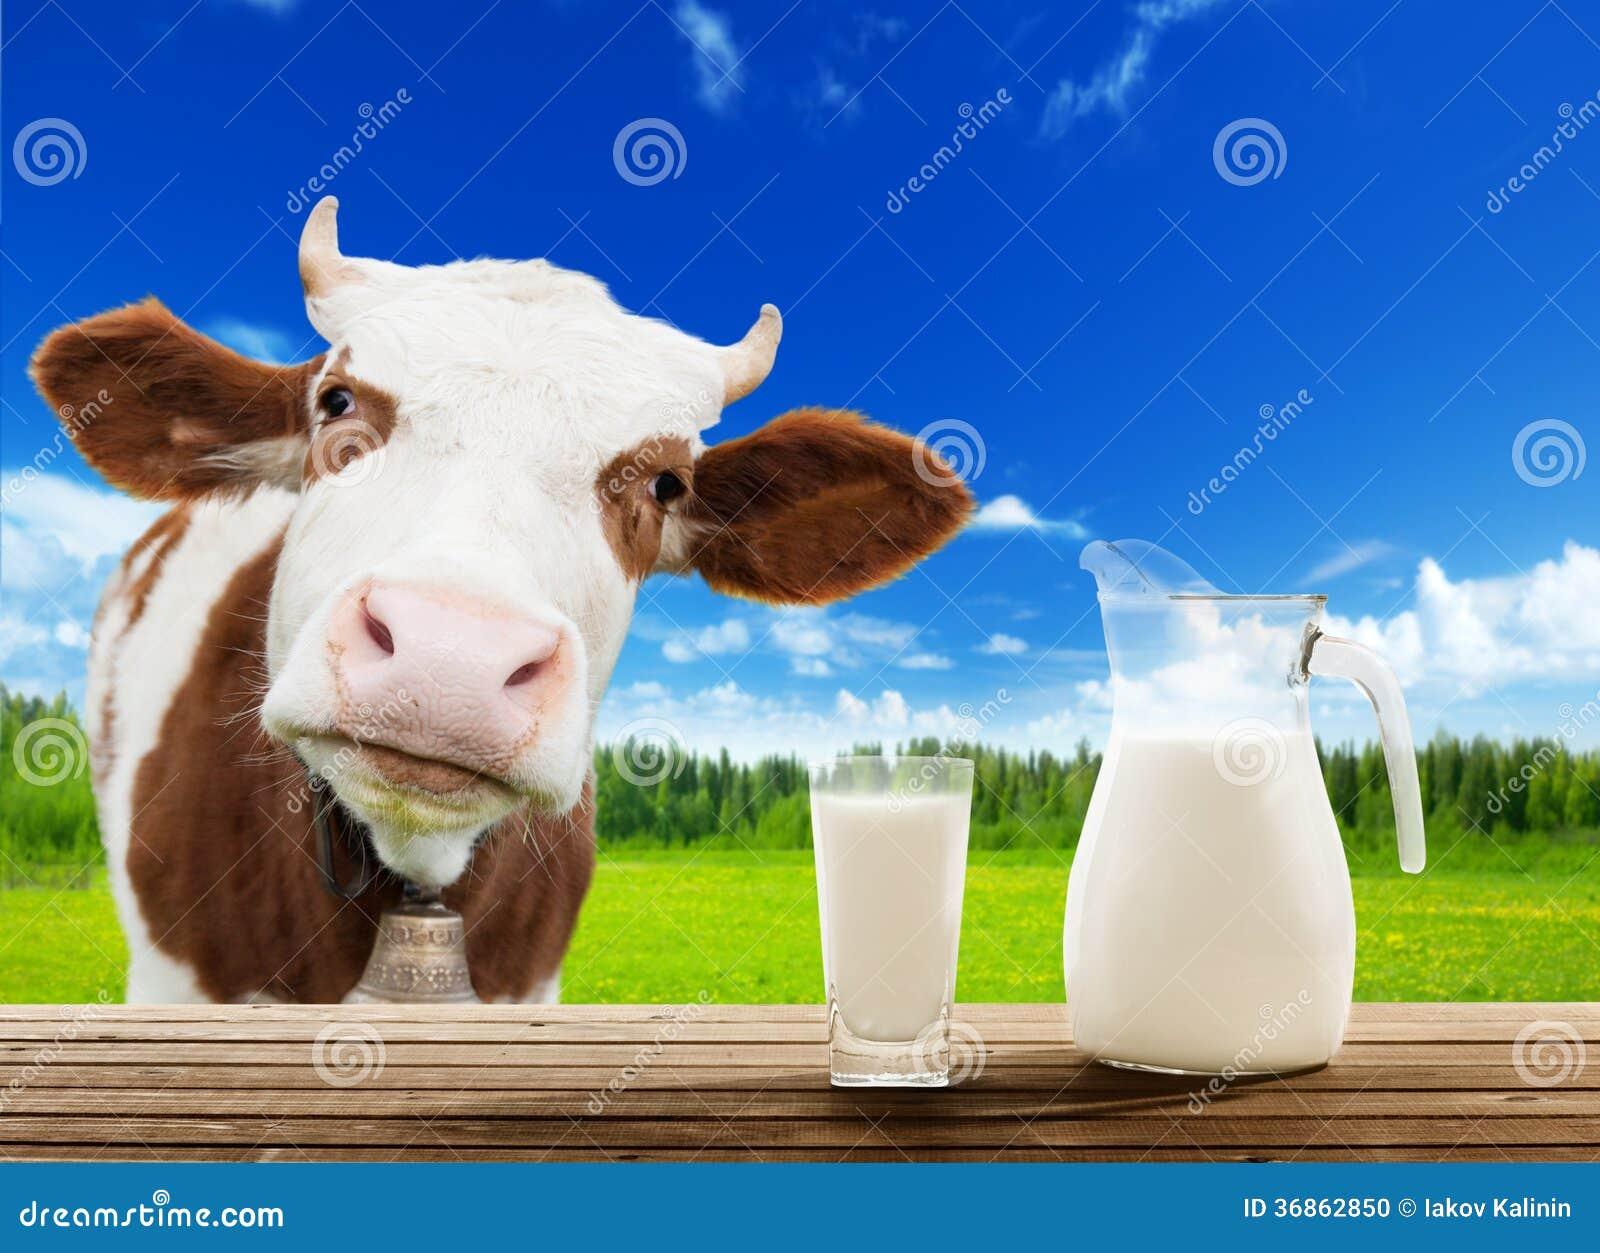 Vaca e leite